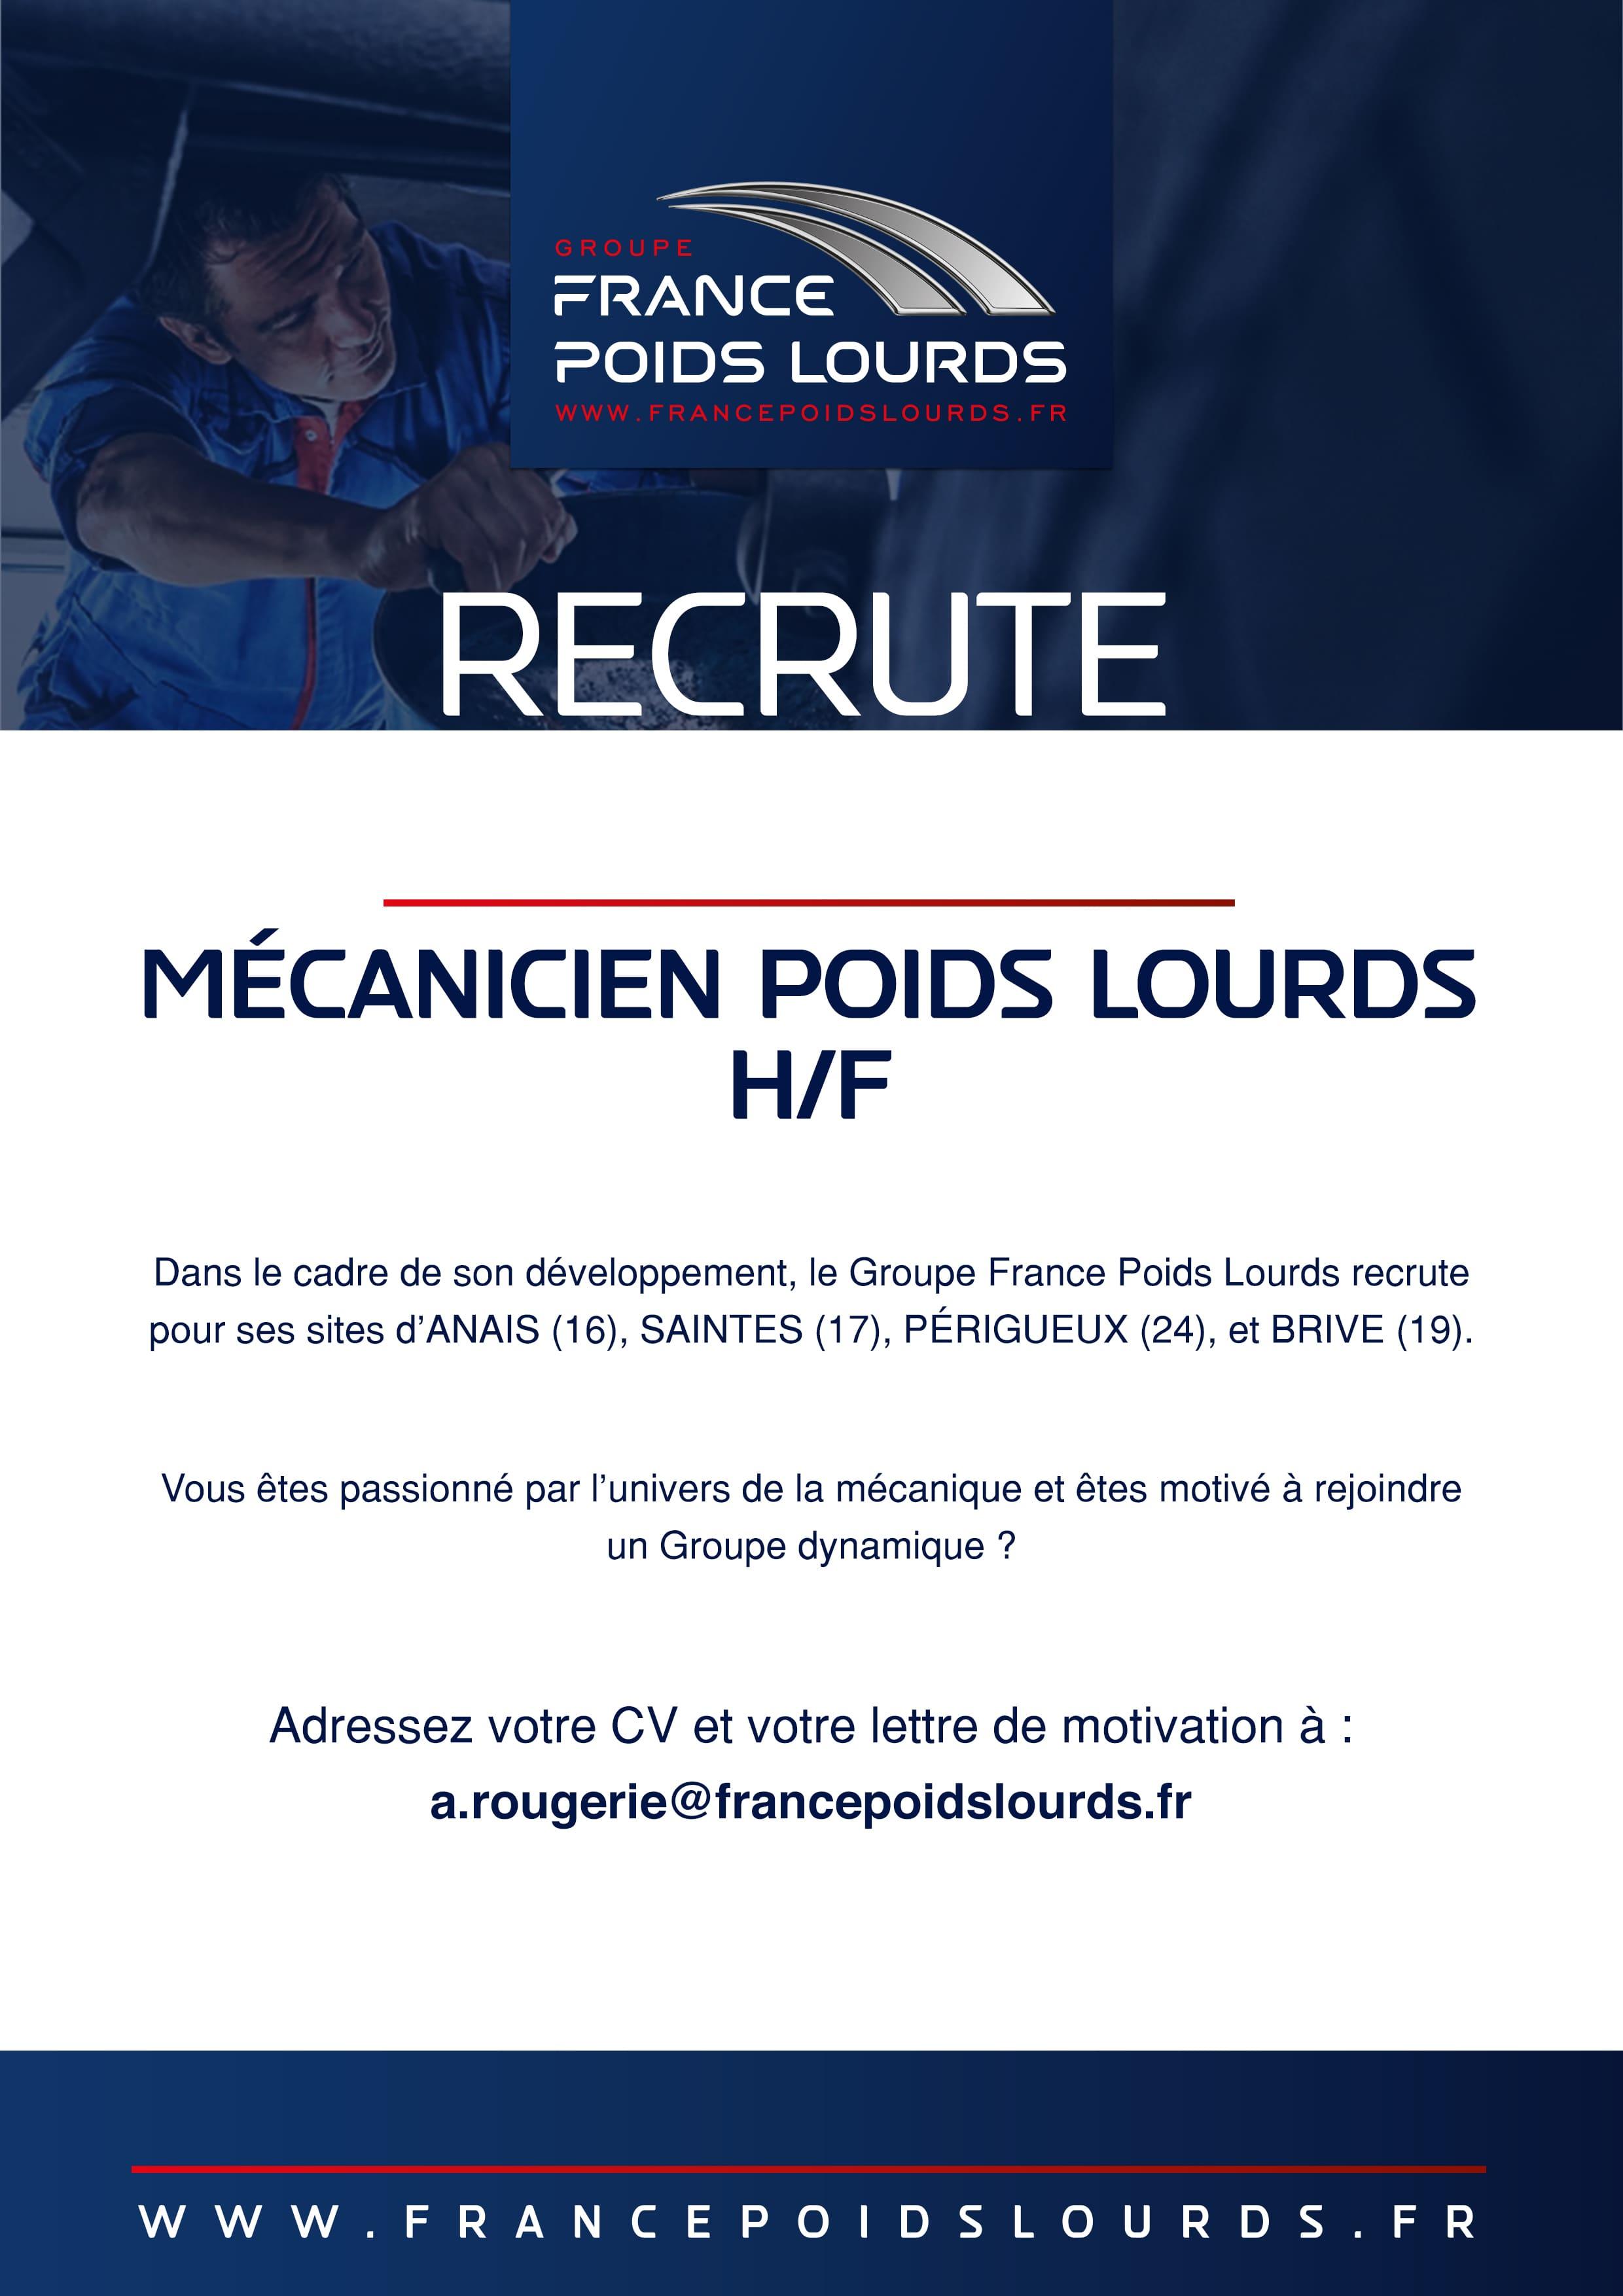 Présentation Du Groupe France Poids Lourds Depuis 1980